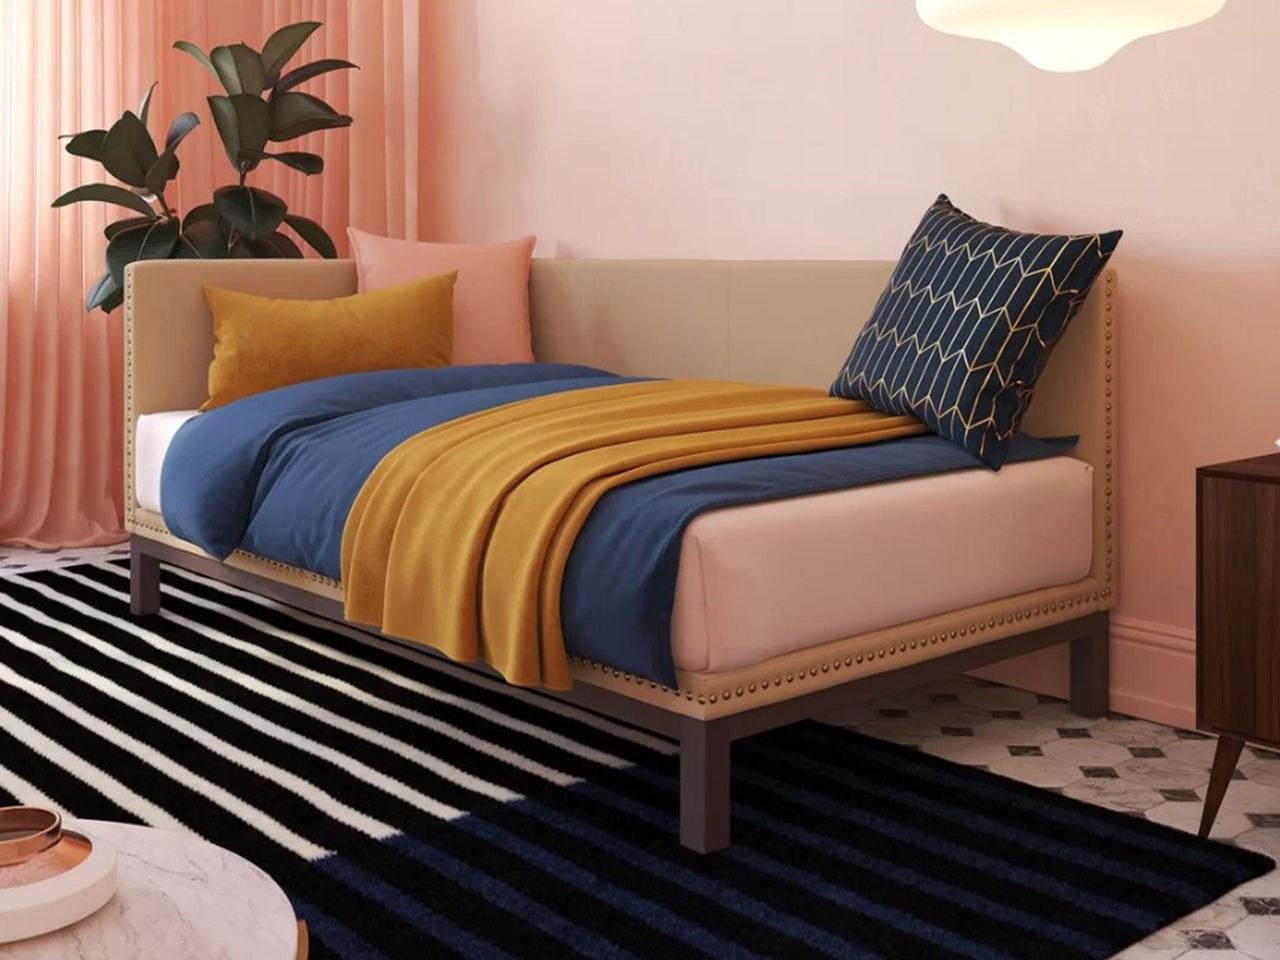 عکس تخت خواب یک نفره اسپرت BS 906  تخت-خواب-یک-نفره-اسپرت-bs-906